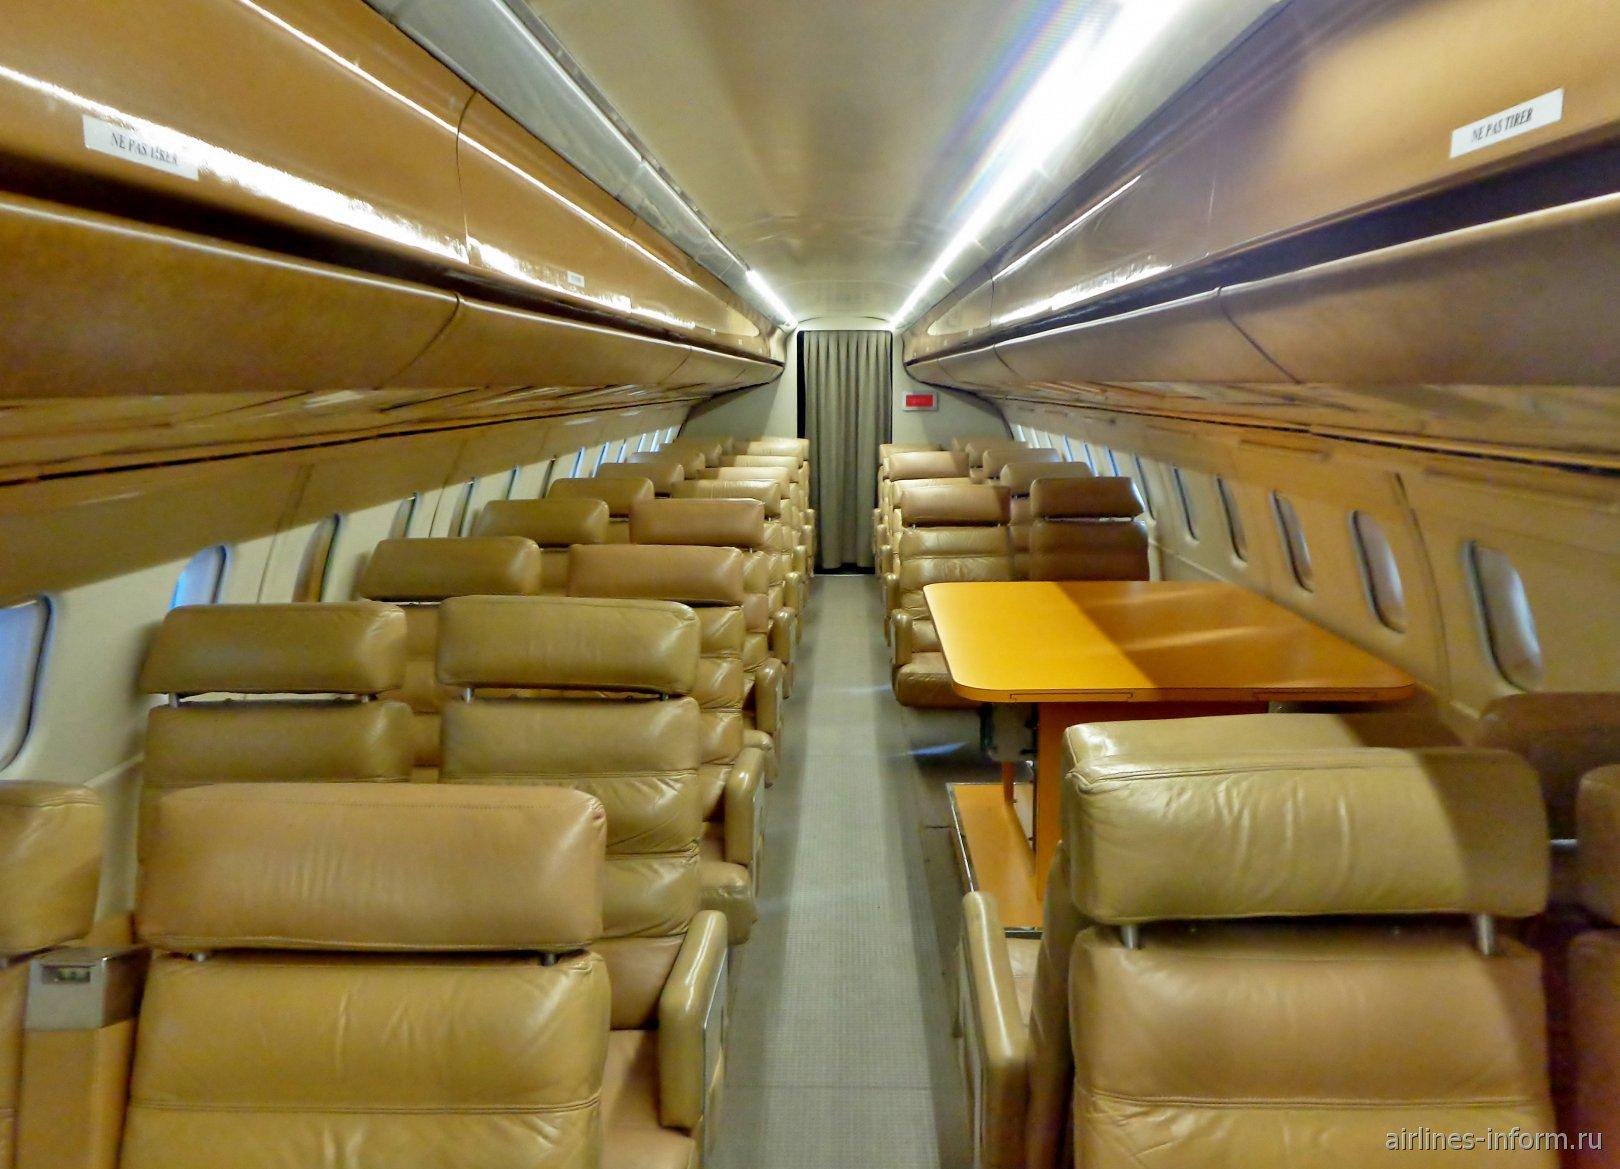 Пассажирский салон в самолете Concorde